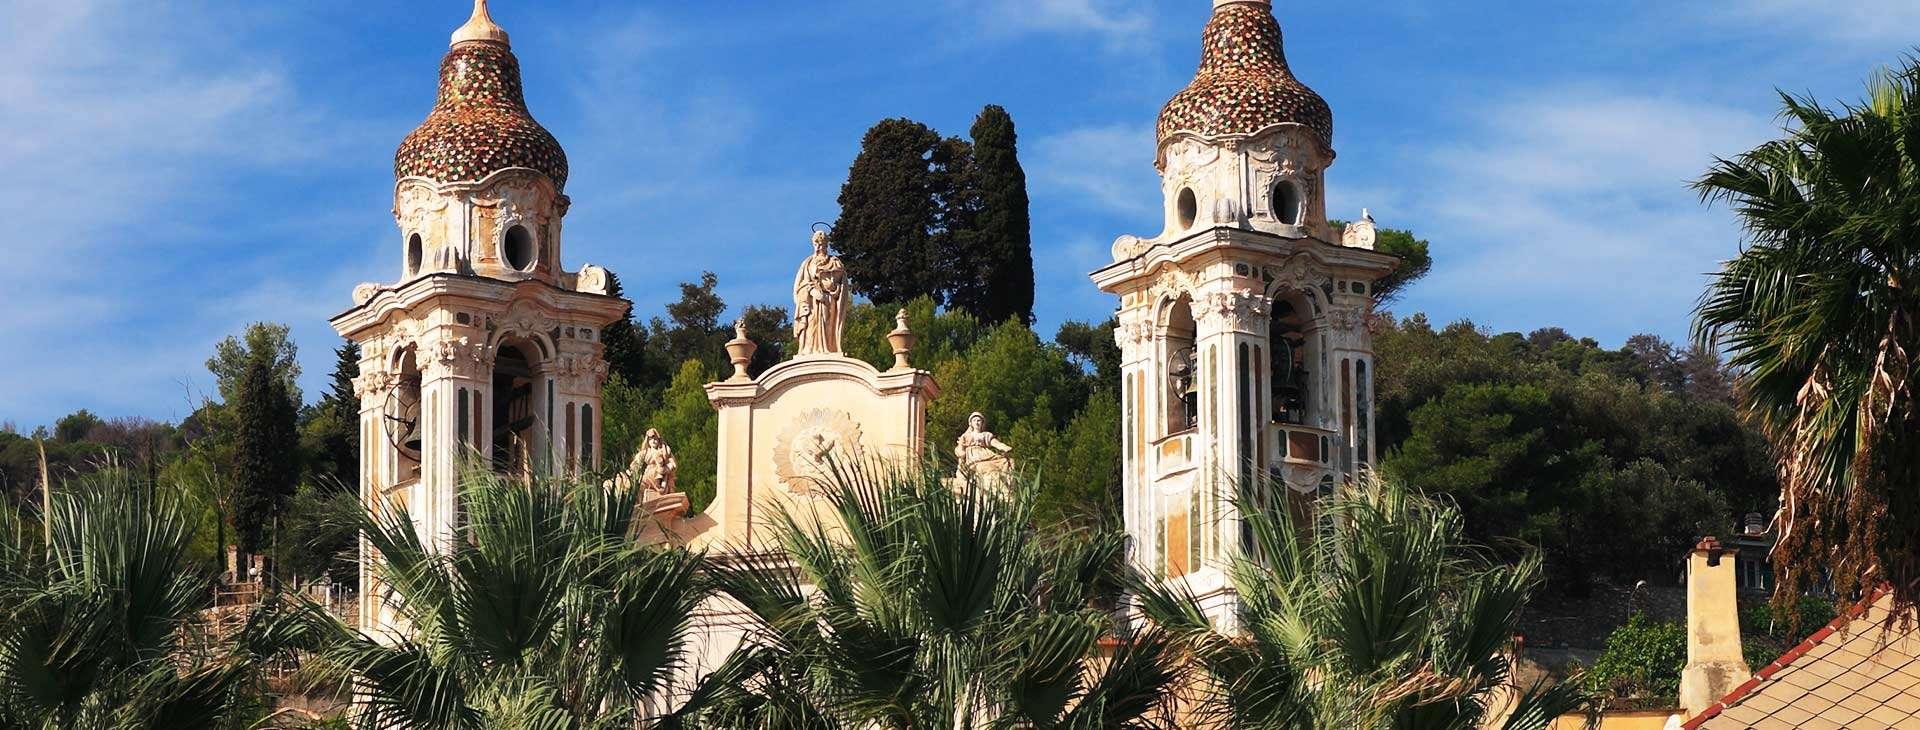 Costa Smeralda / Francja, Hiszpania i Włochy